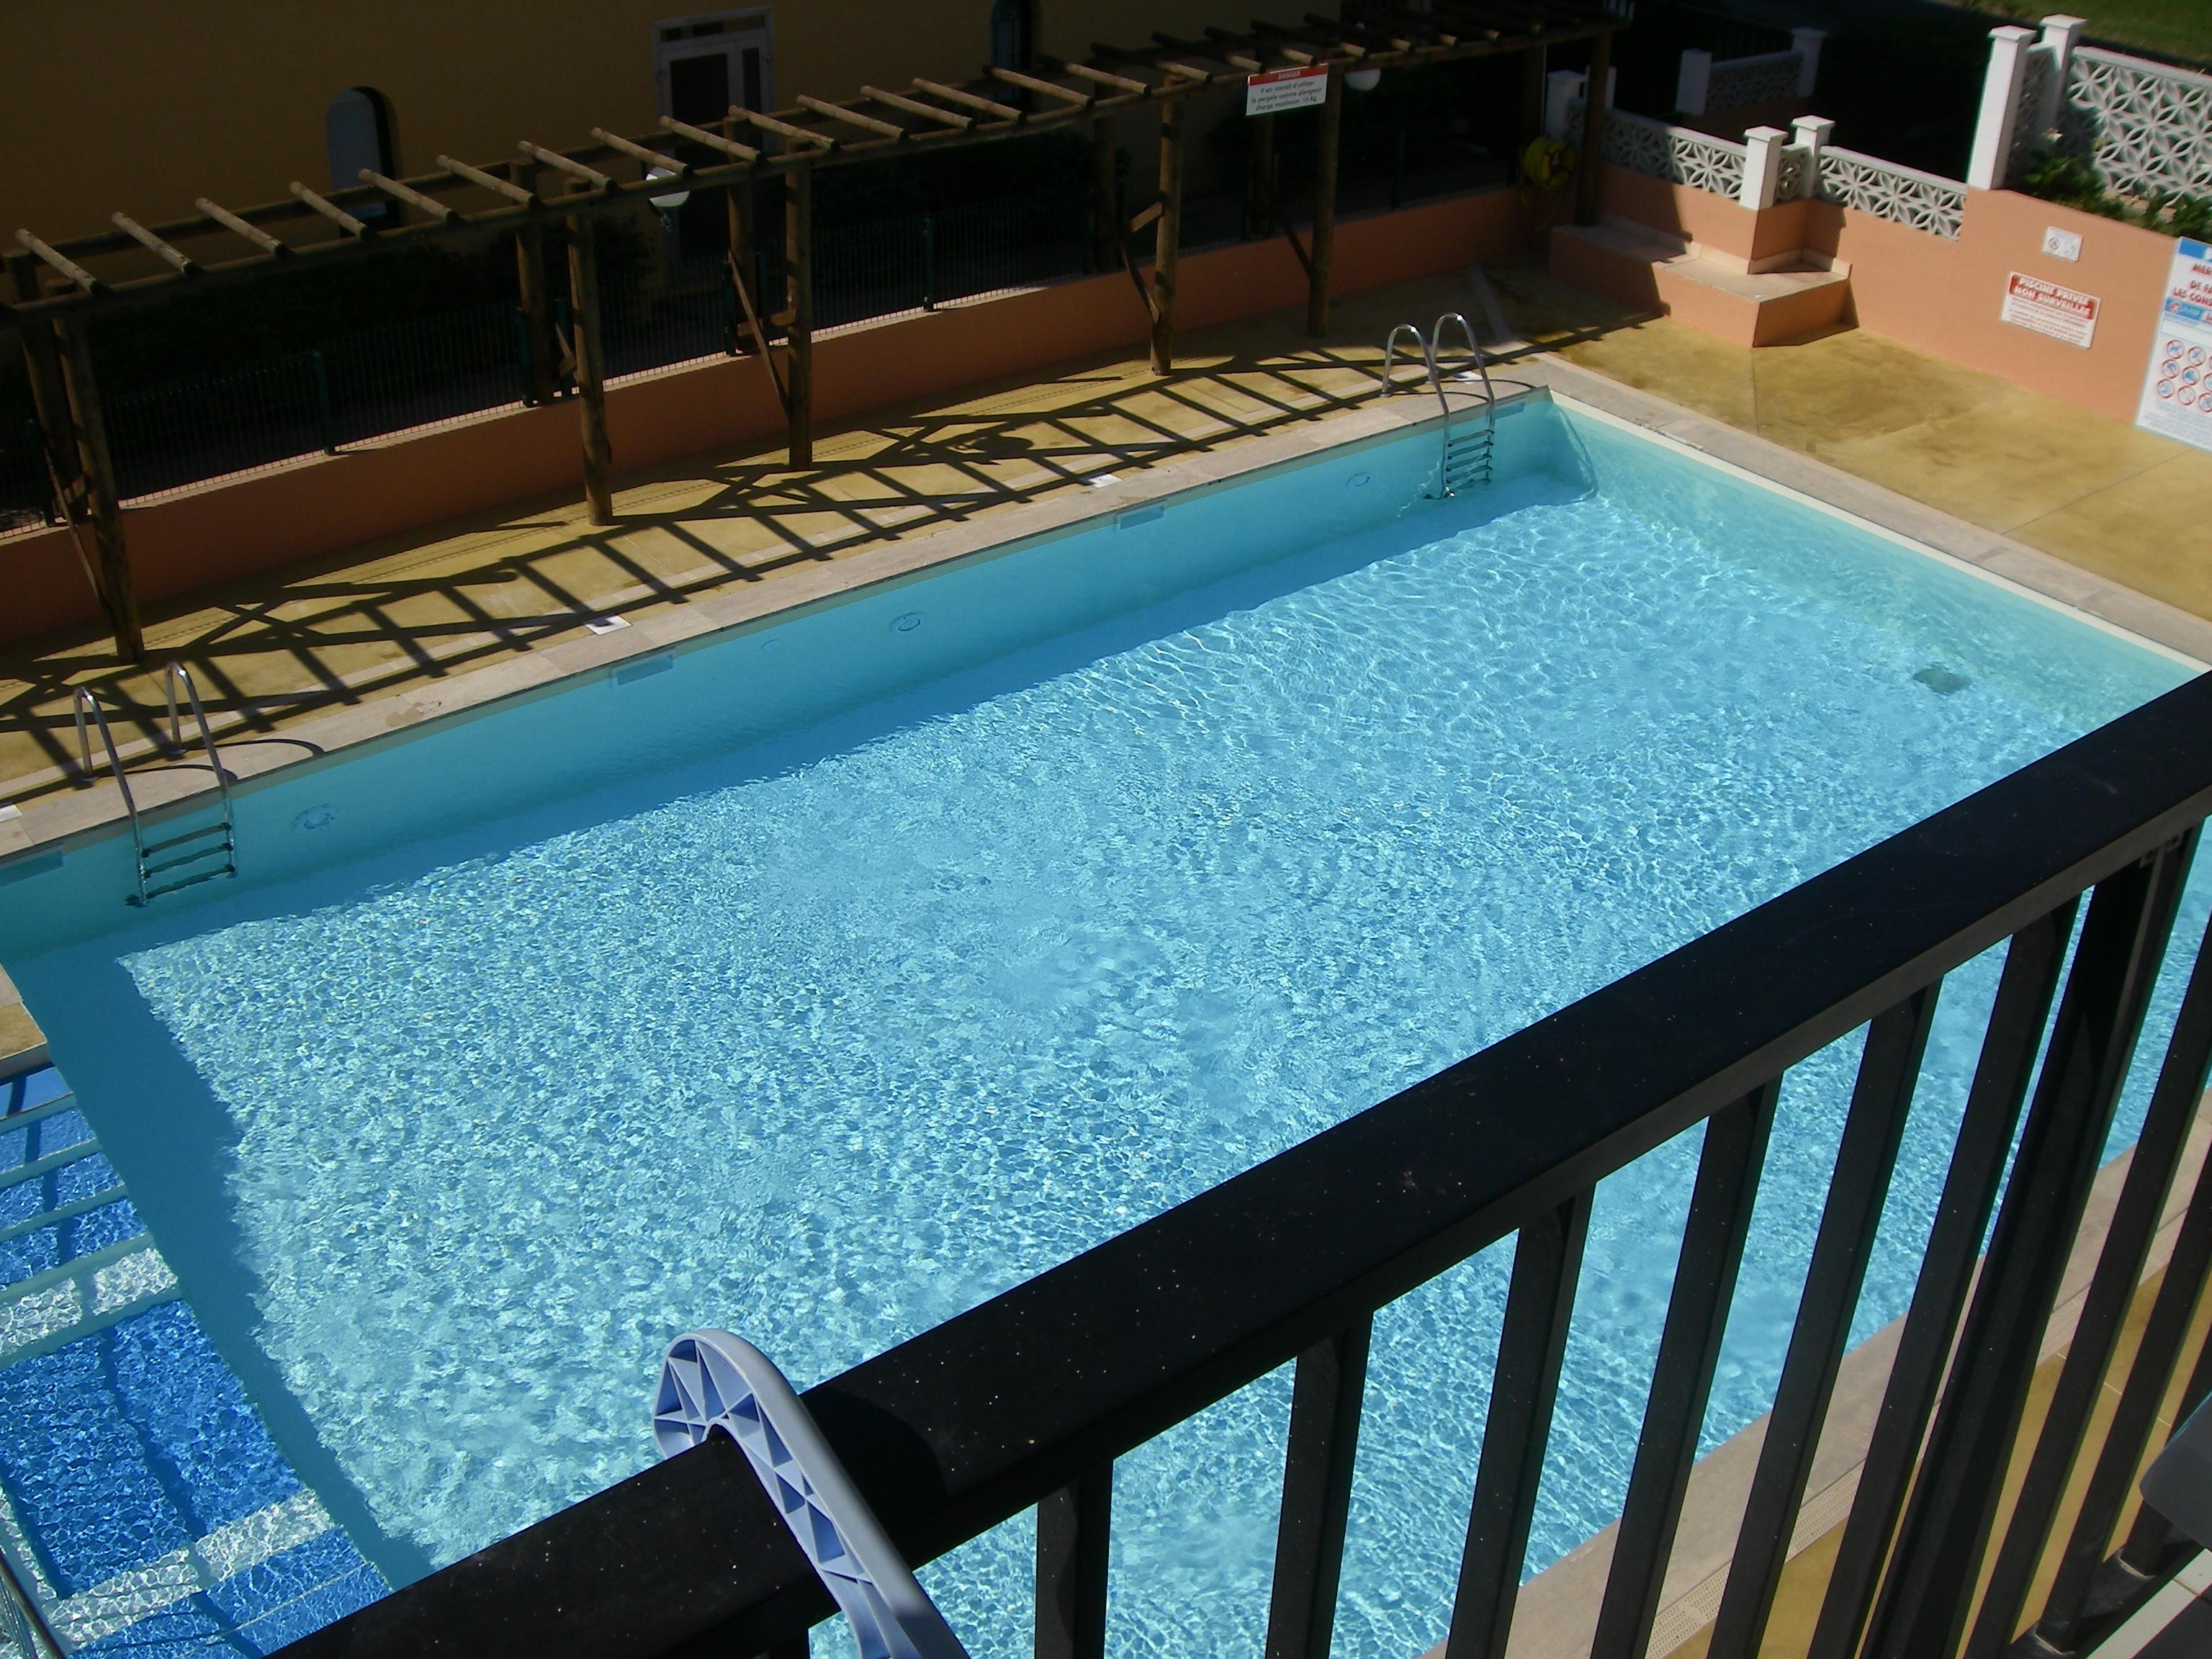 Vue sur la piscine location 6 couchages au cap d 39 agde for Piscine agde tarif